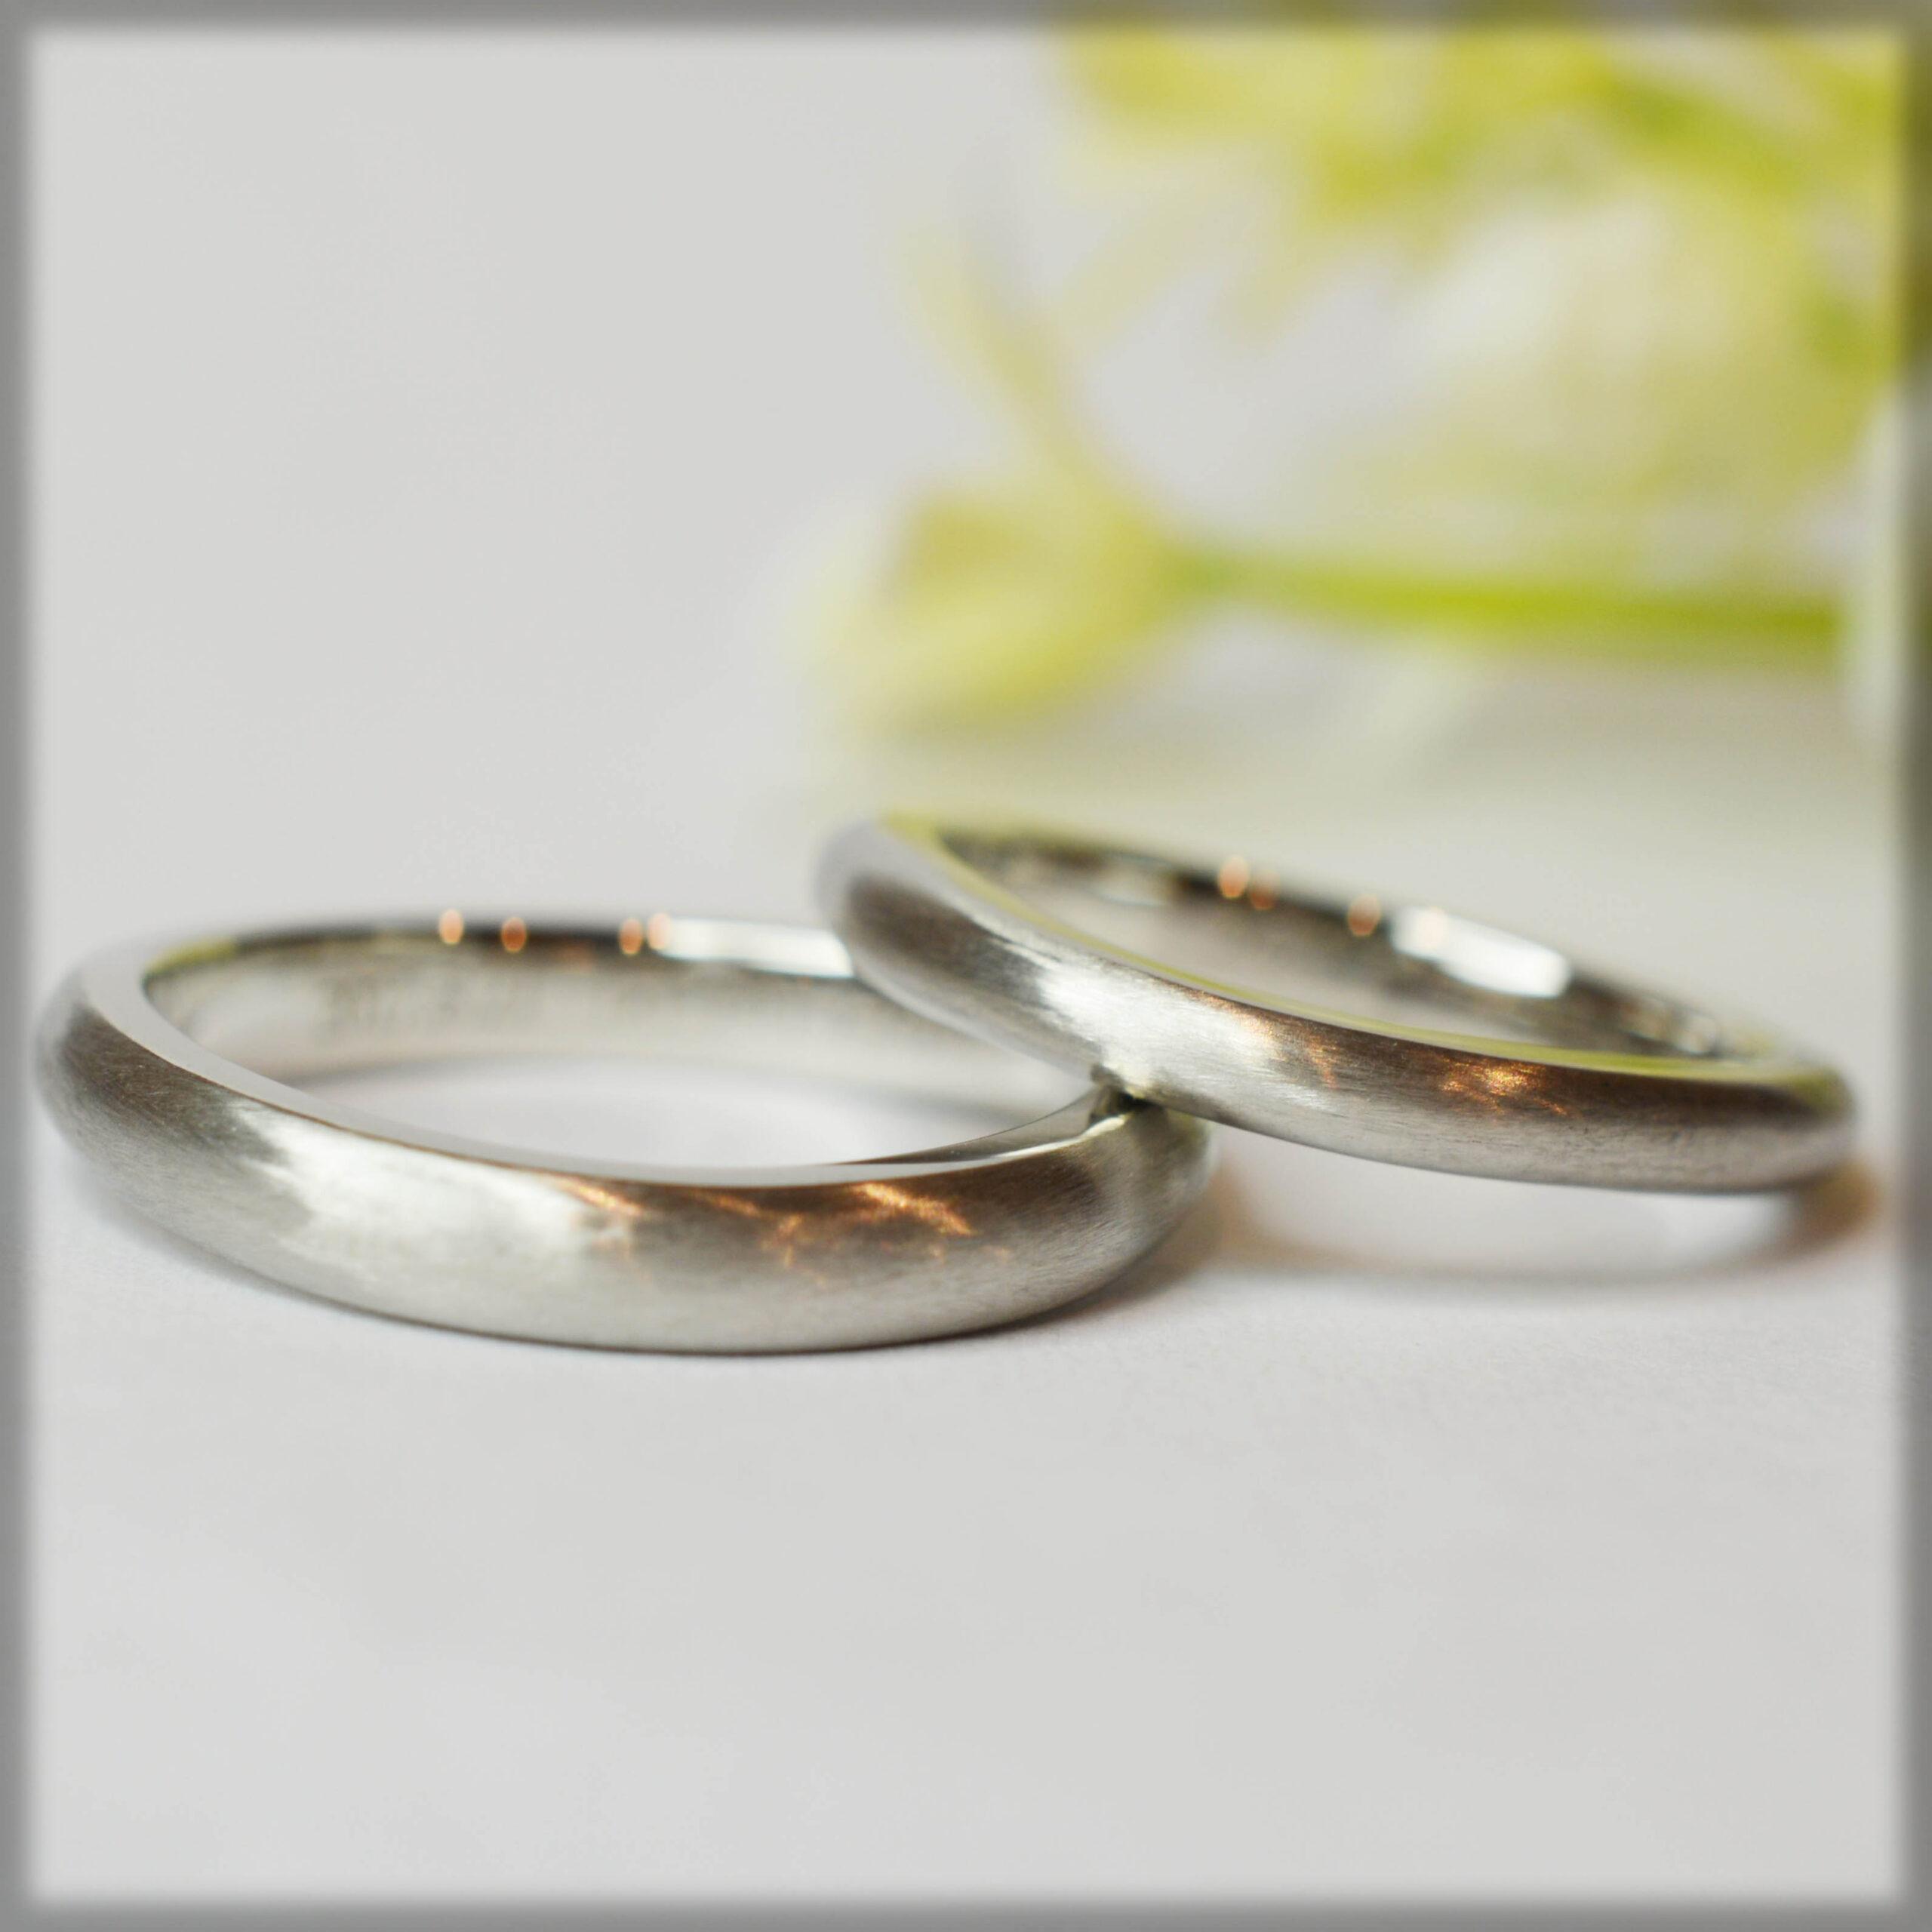 【手作り結婚指輪プレミアムコース】鎌田様